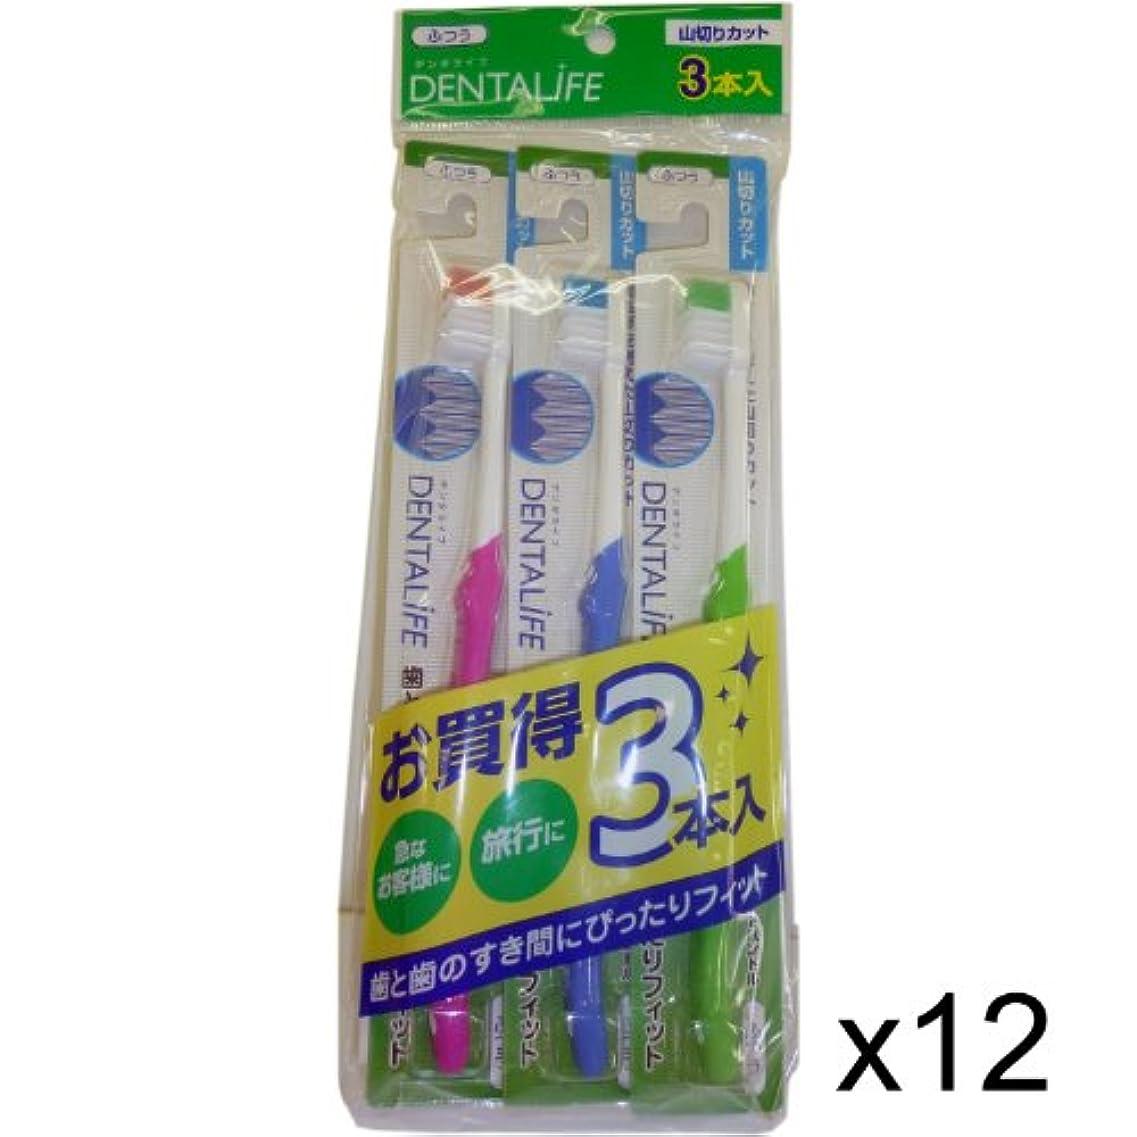 登録する野望敗北お徳用 DELTALIFE(デンタライフ)山切り歯ブラシ ふつう 3P×12ヶセット(36本)